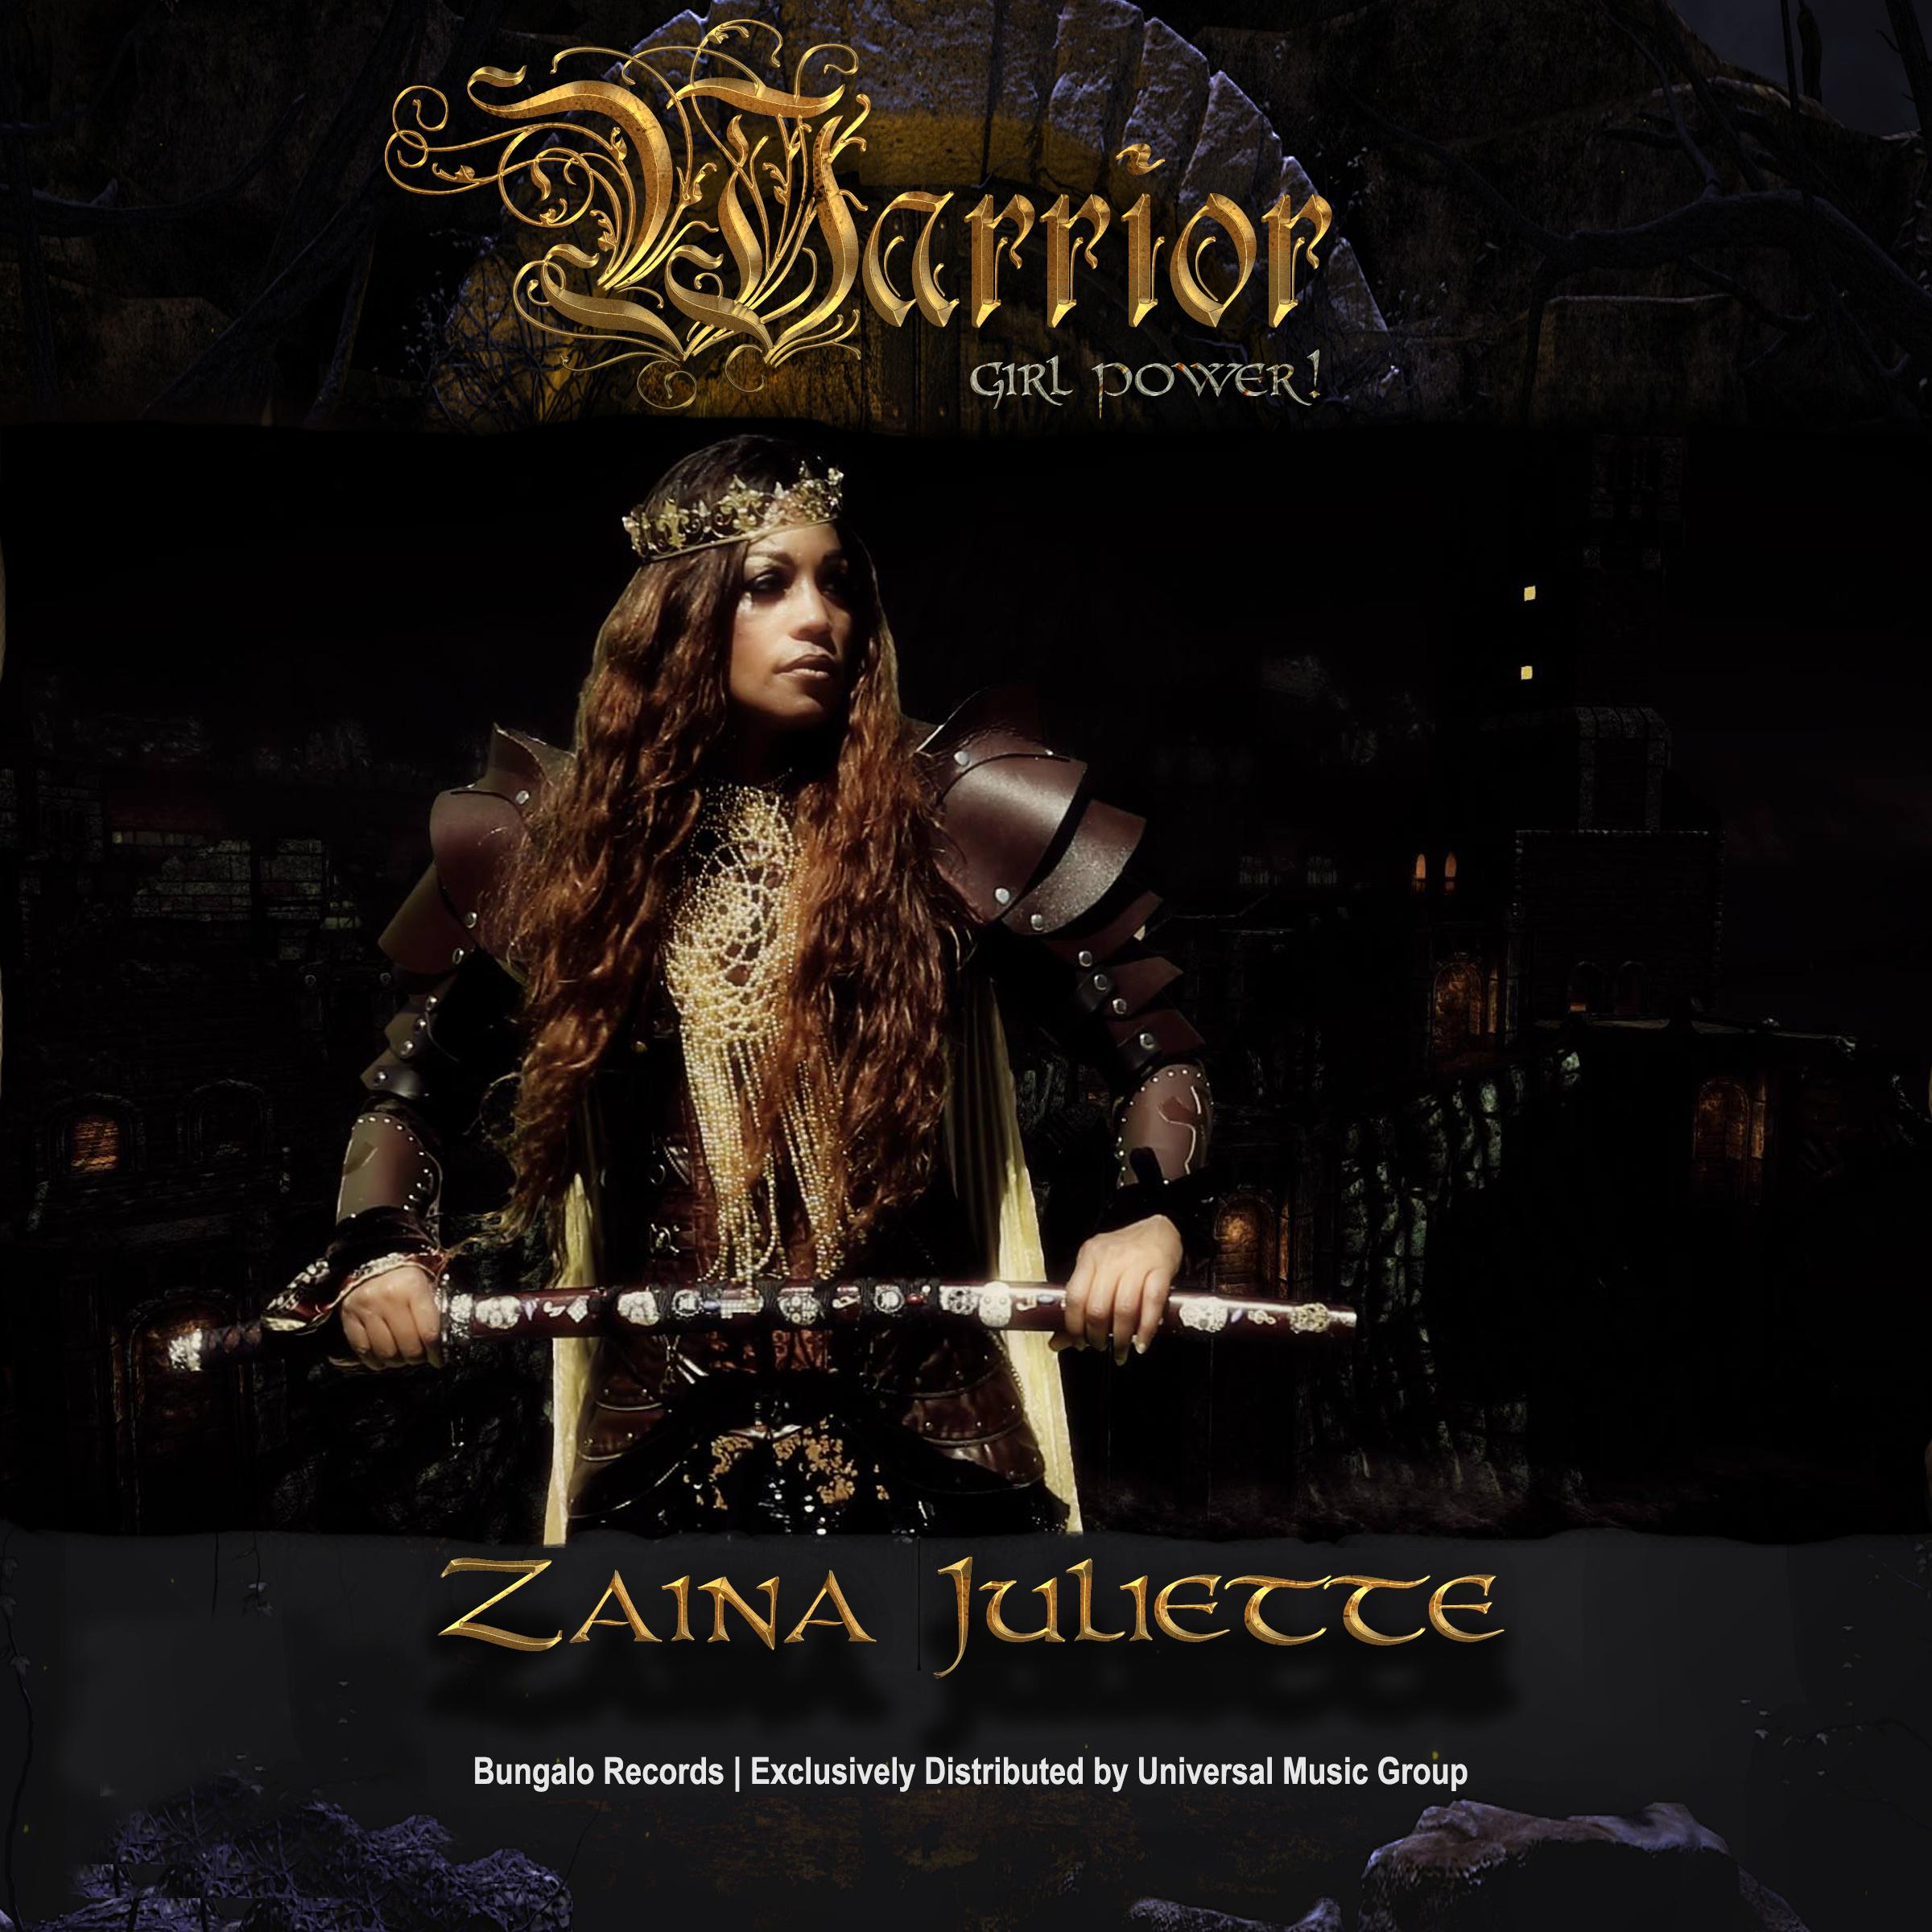 Warrior CD Cover Bungalo 2 no logo